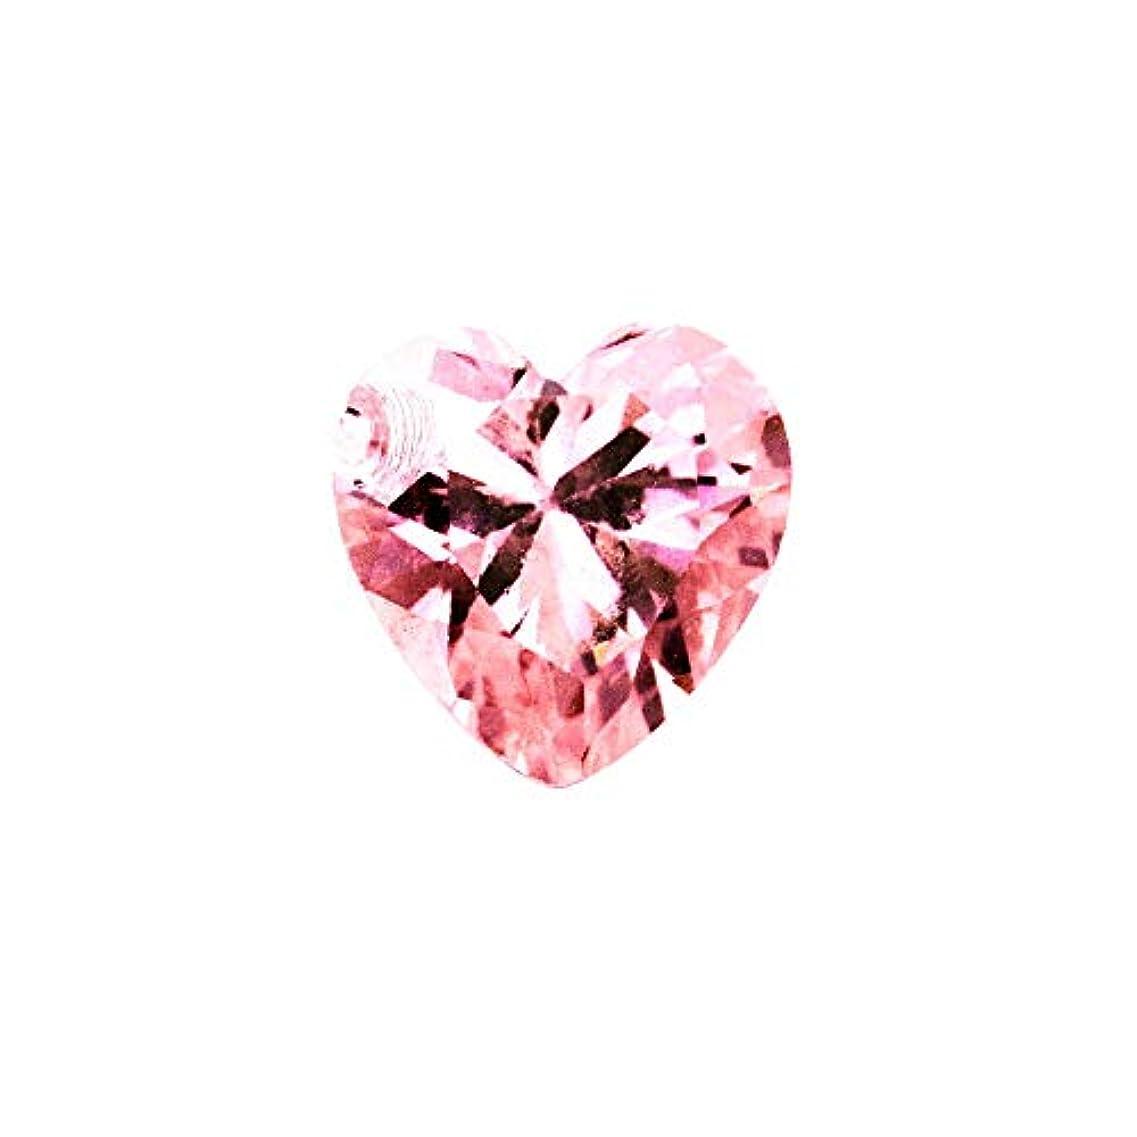 見る人氷百科事典irogel イロジェル ラインストーン ジルコニア製 グロッシーストーン【ピンク】5mm 6個入り